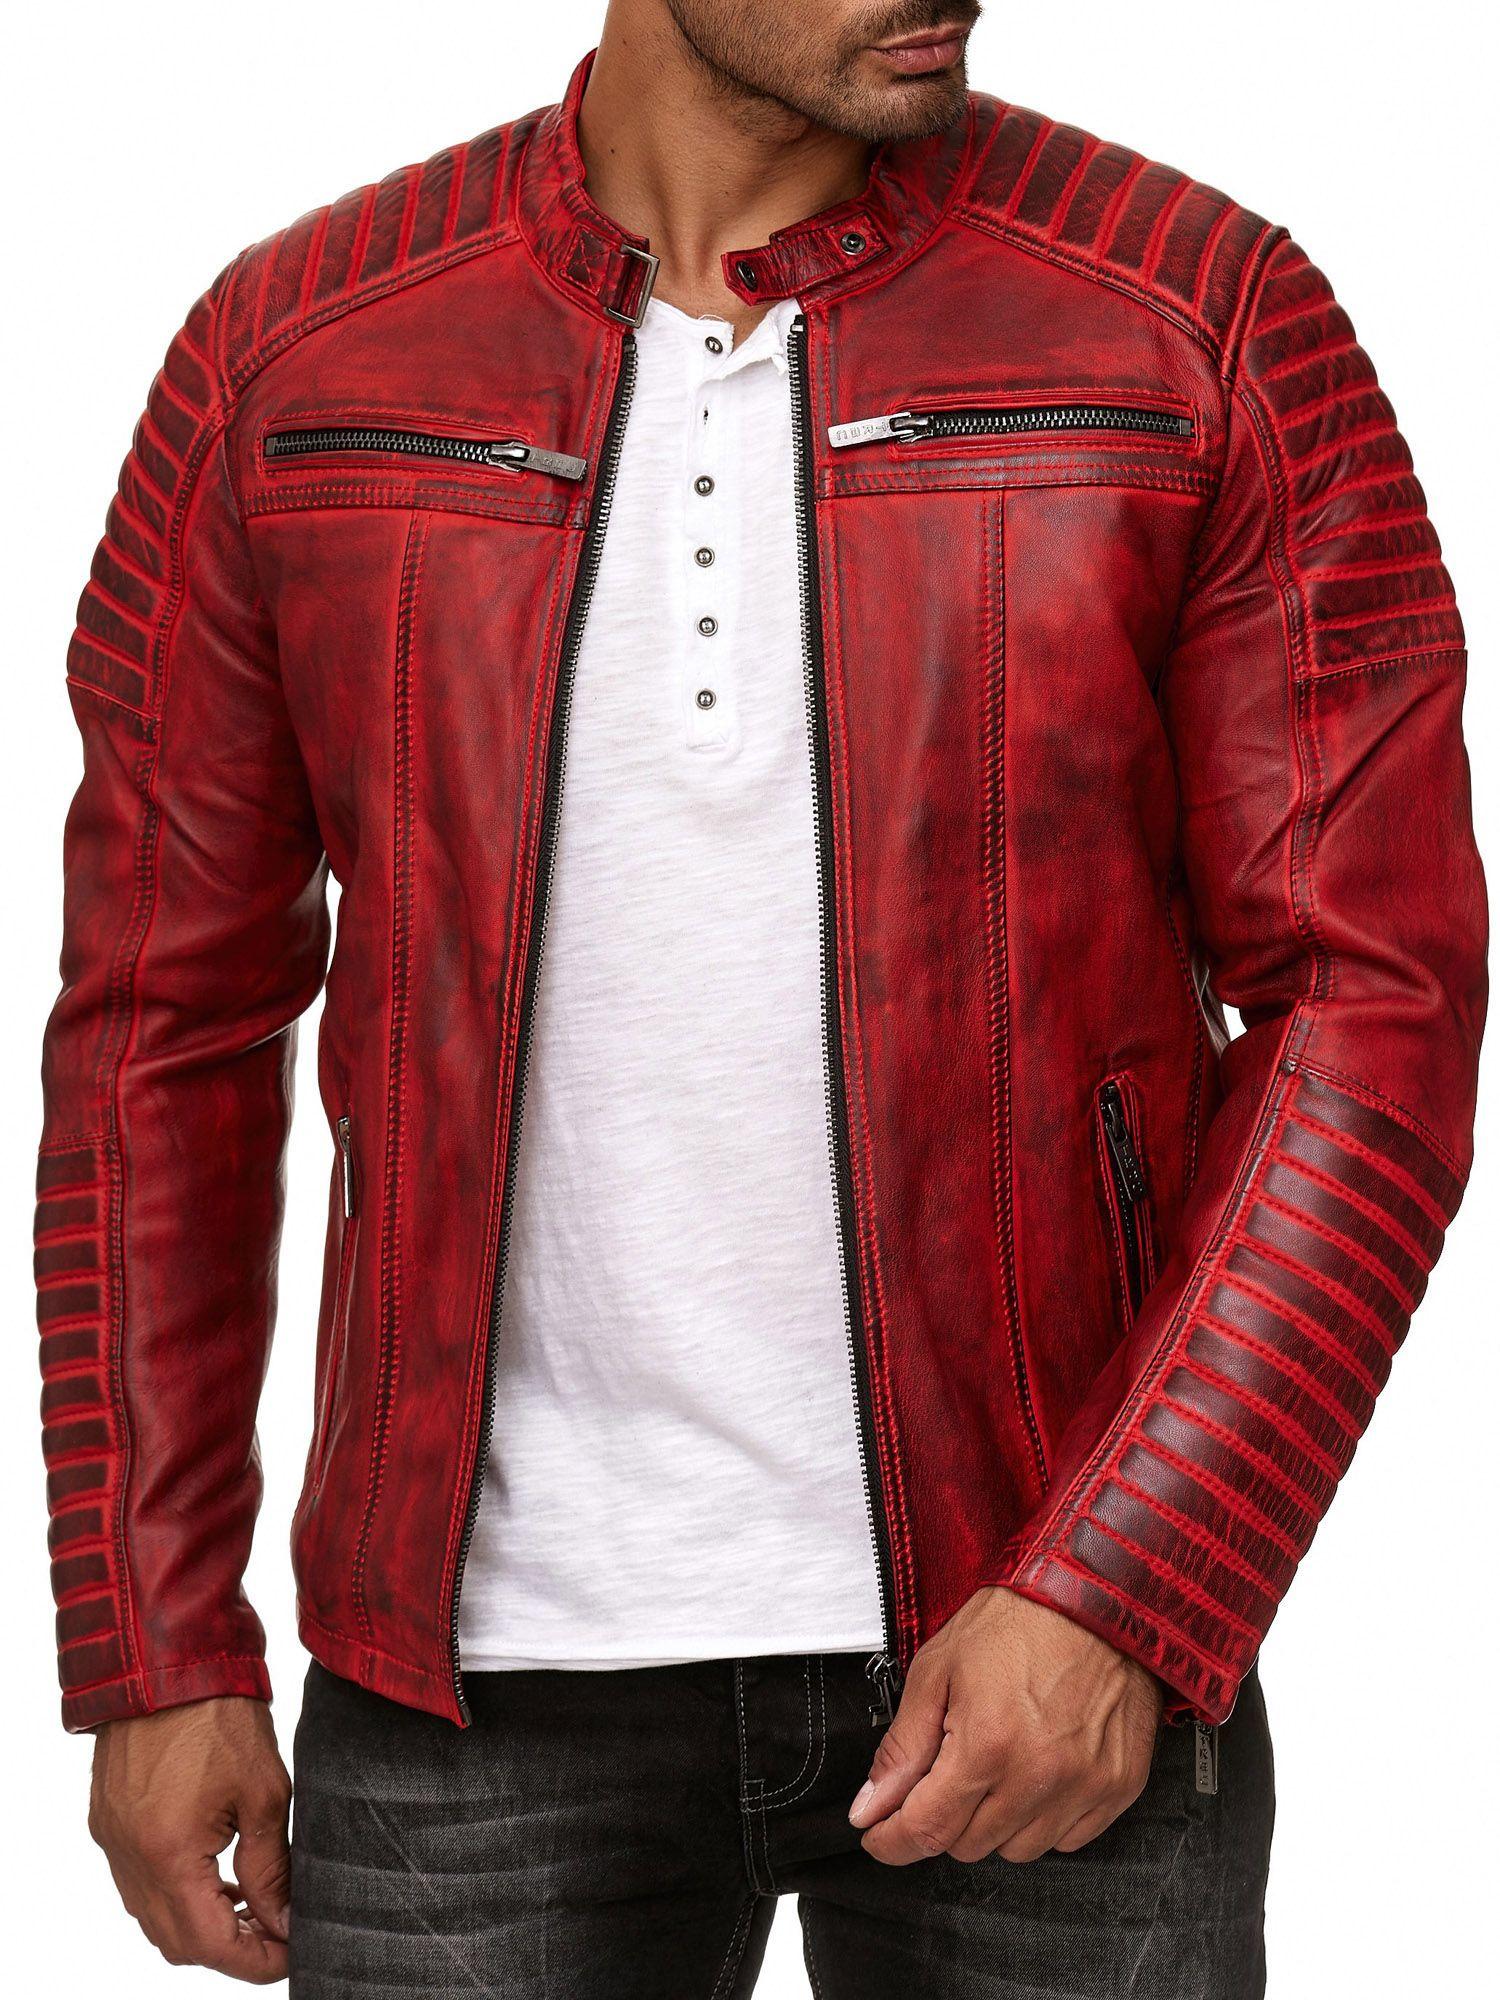 53b47773b34cd0 Redbridge Herren Lederjacke Echtleder Übergangsjacke Bikerjacke Motorrad-  Jacke #lederjacke #red #rot #